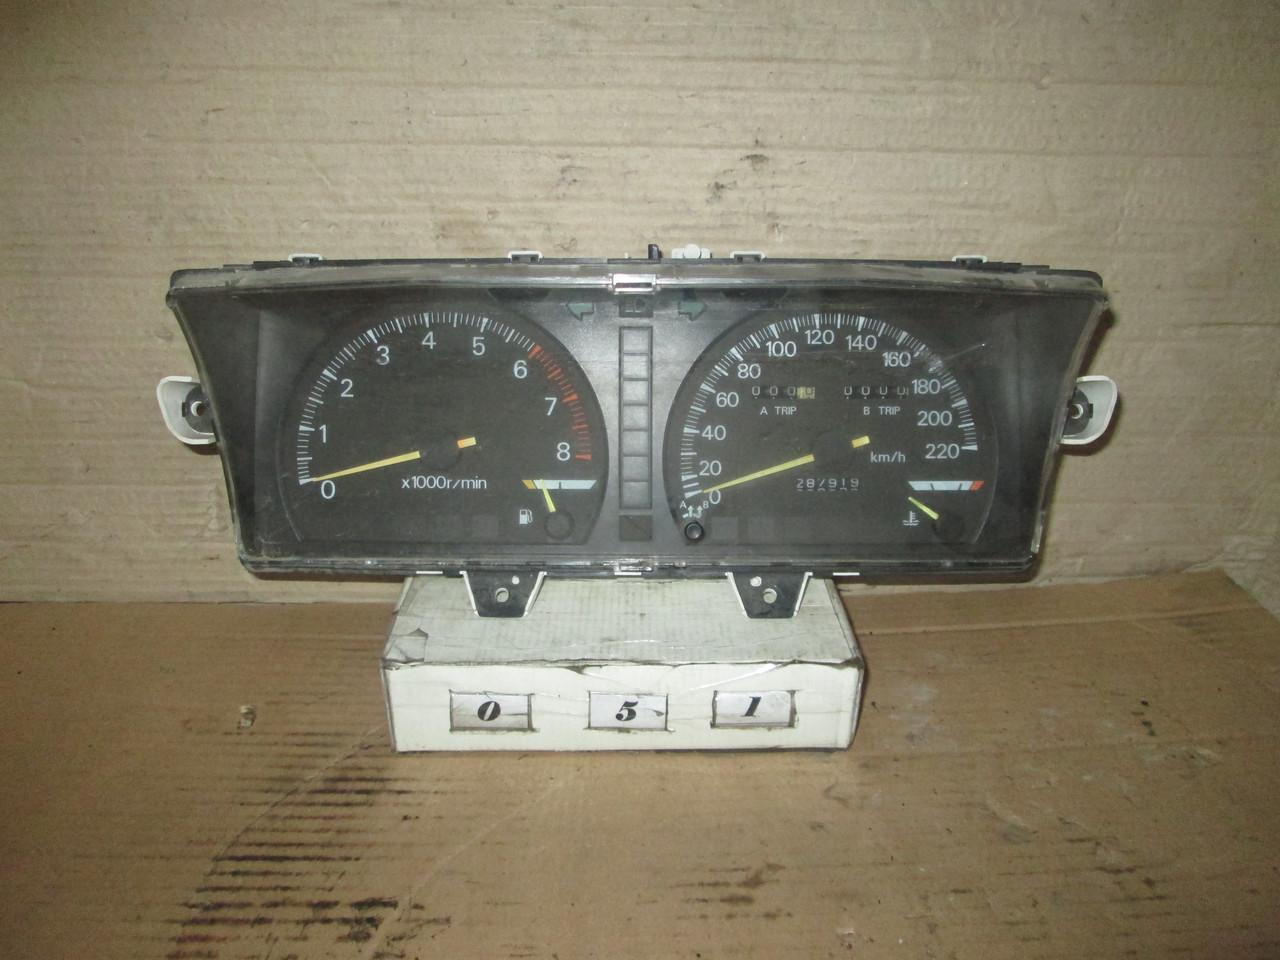 №51 Б/у Панель приладів/спідометр MB521495 для Mitsubishi Galant 1987-1993